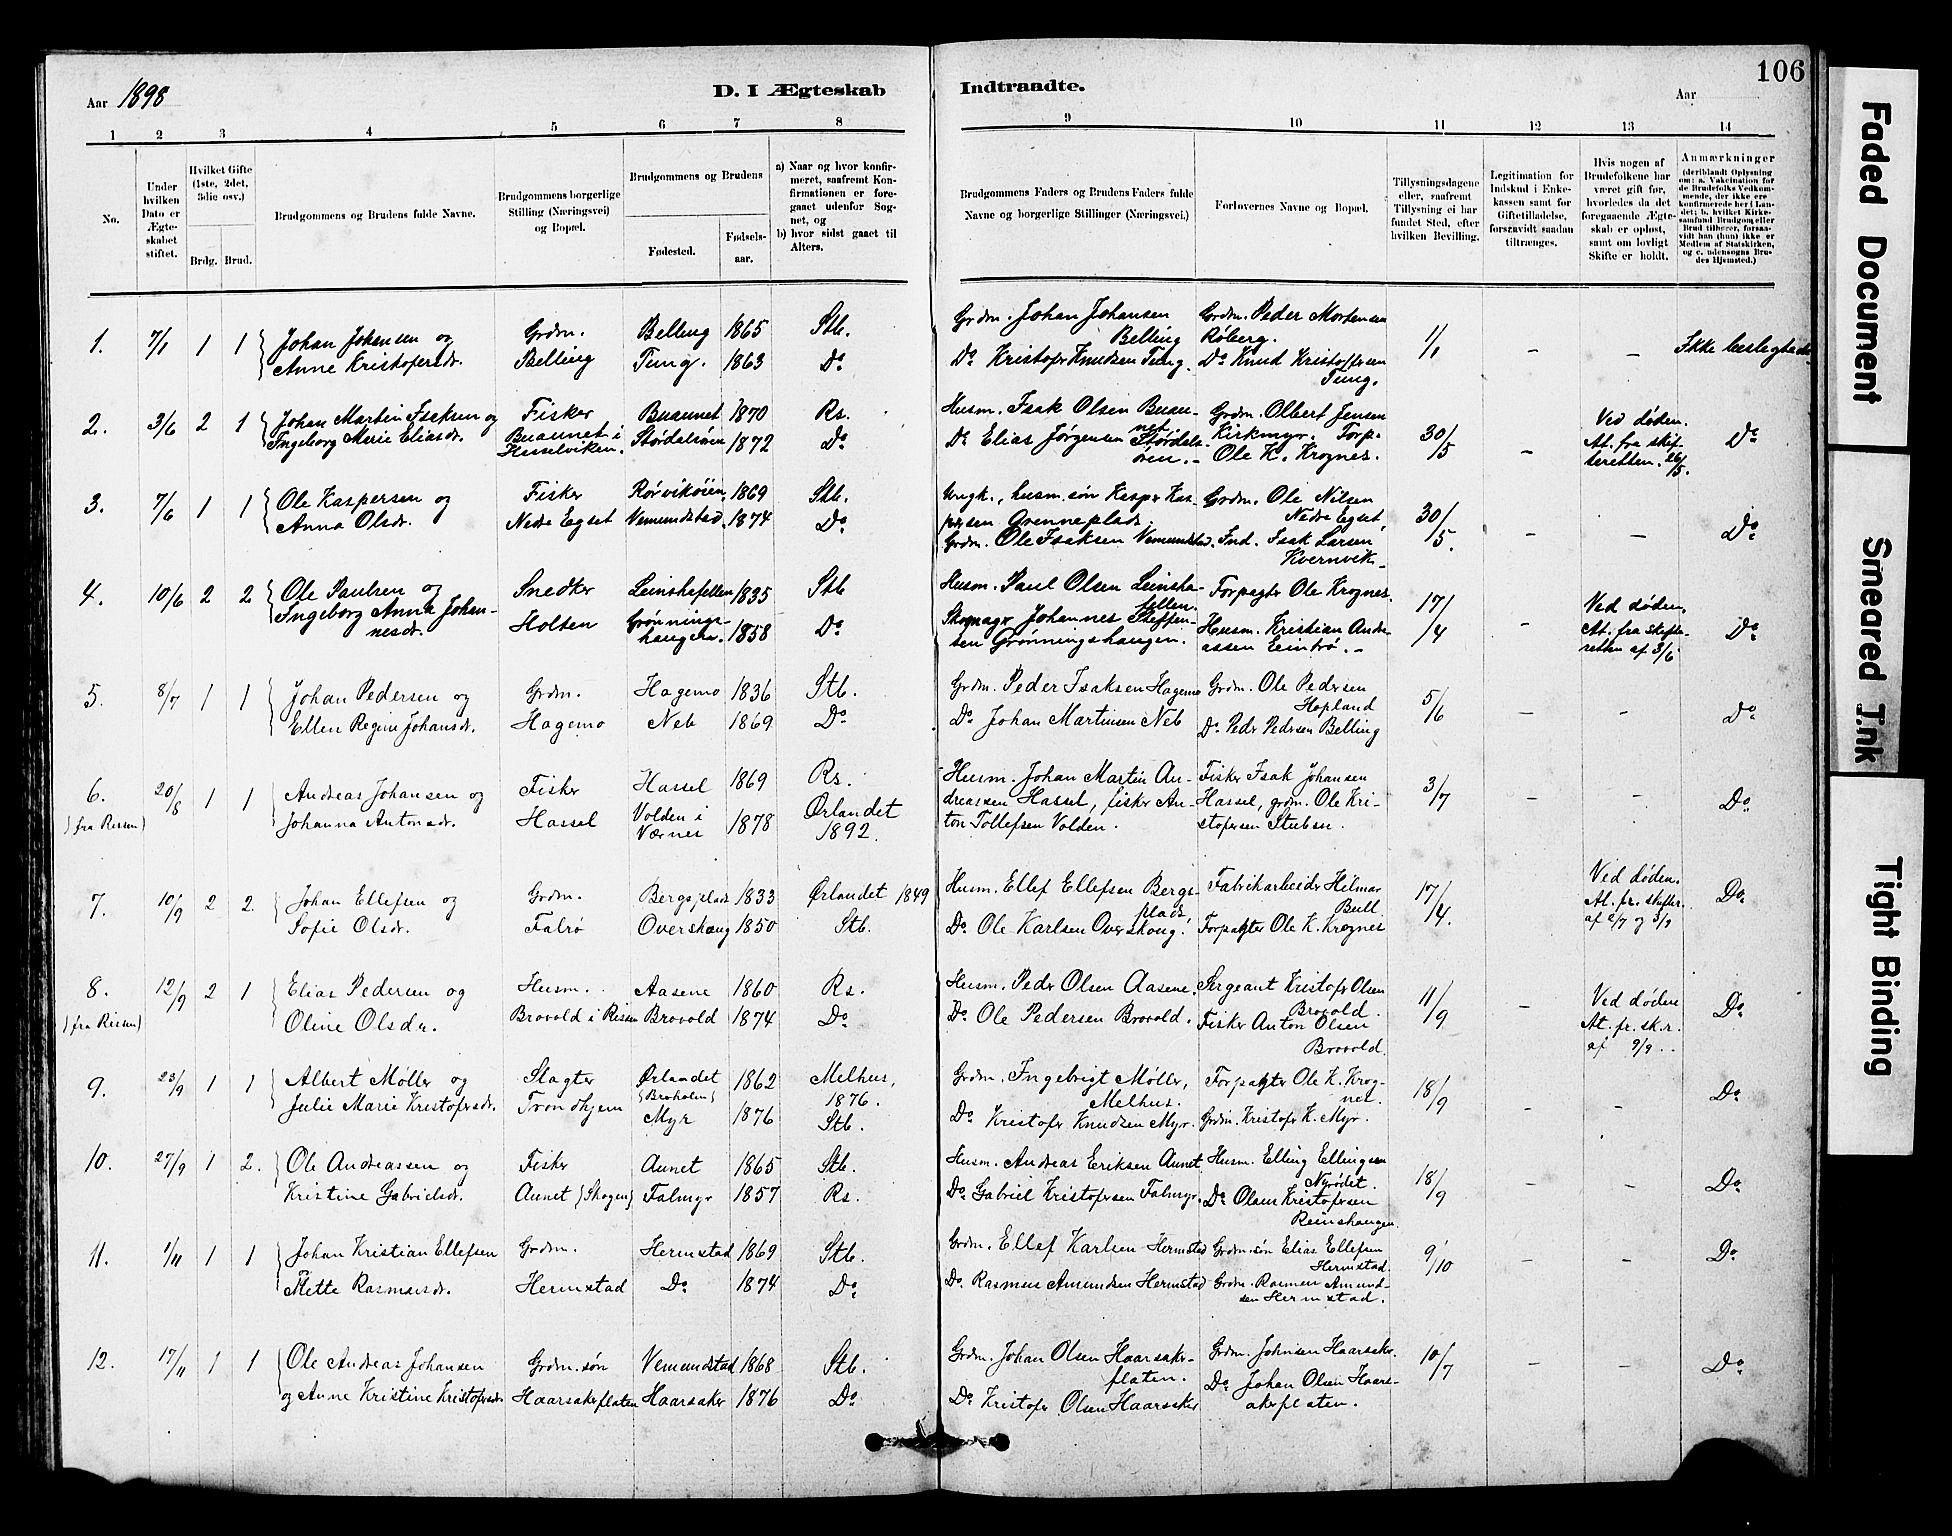 SAT, Ministerialprotokoller, klokkerbøker og fødselsregistre - Sør-Trøndelag, 646/L0628: Klokkerbok nr. 646C01, 1880-1903, s. 106